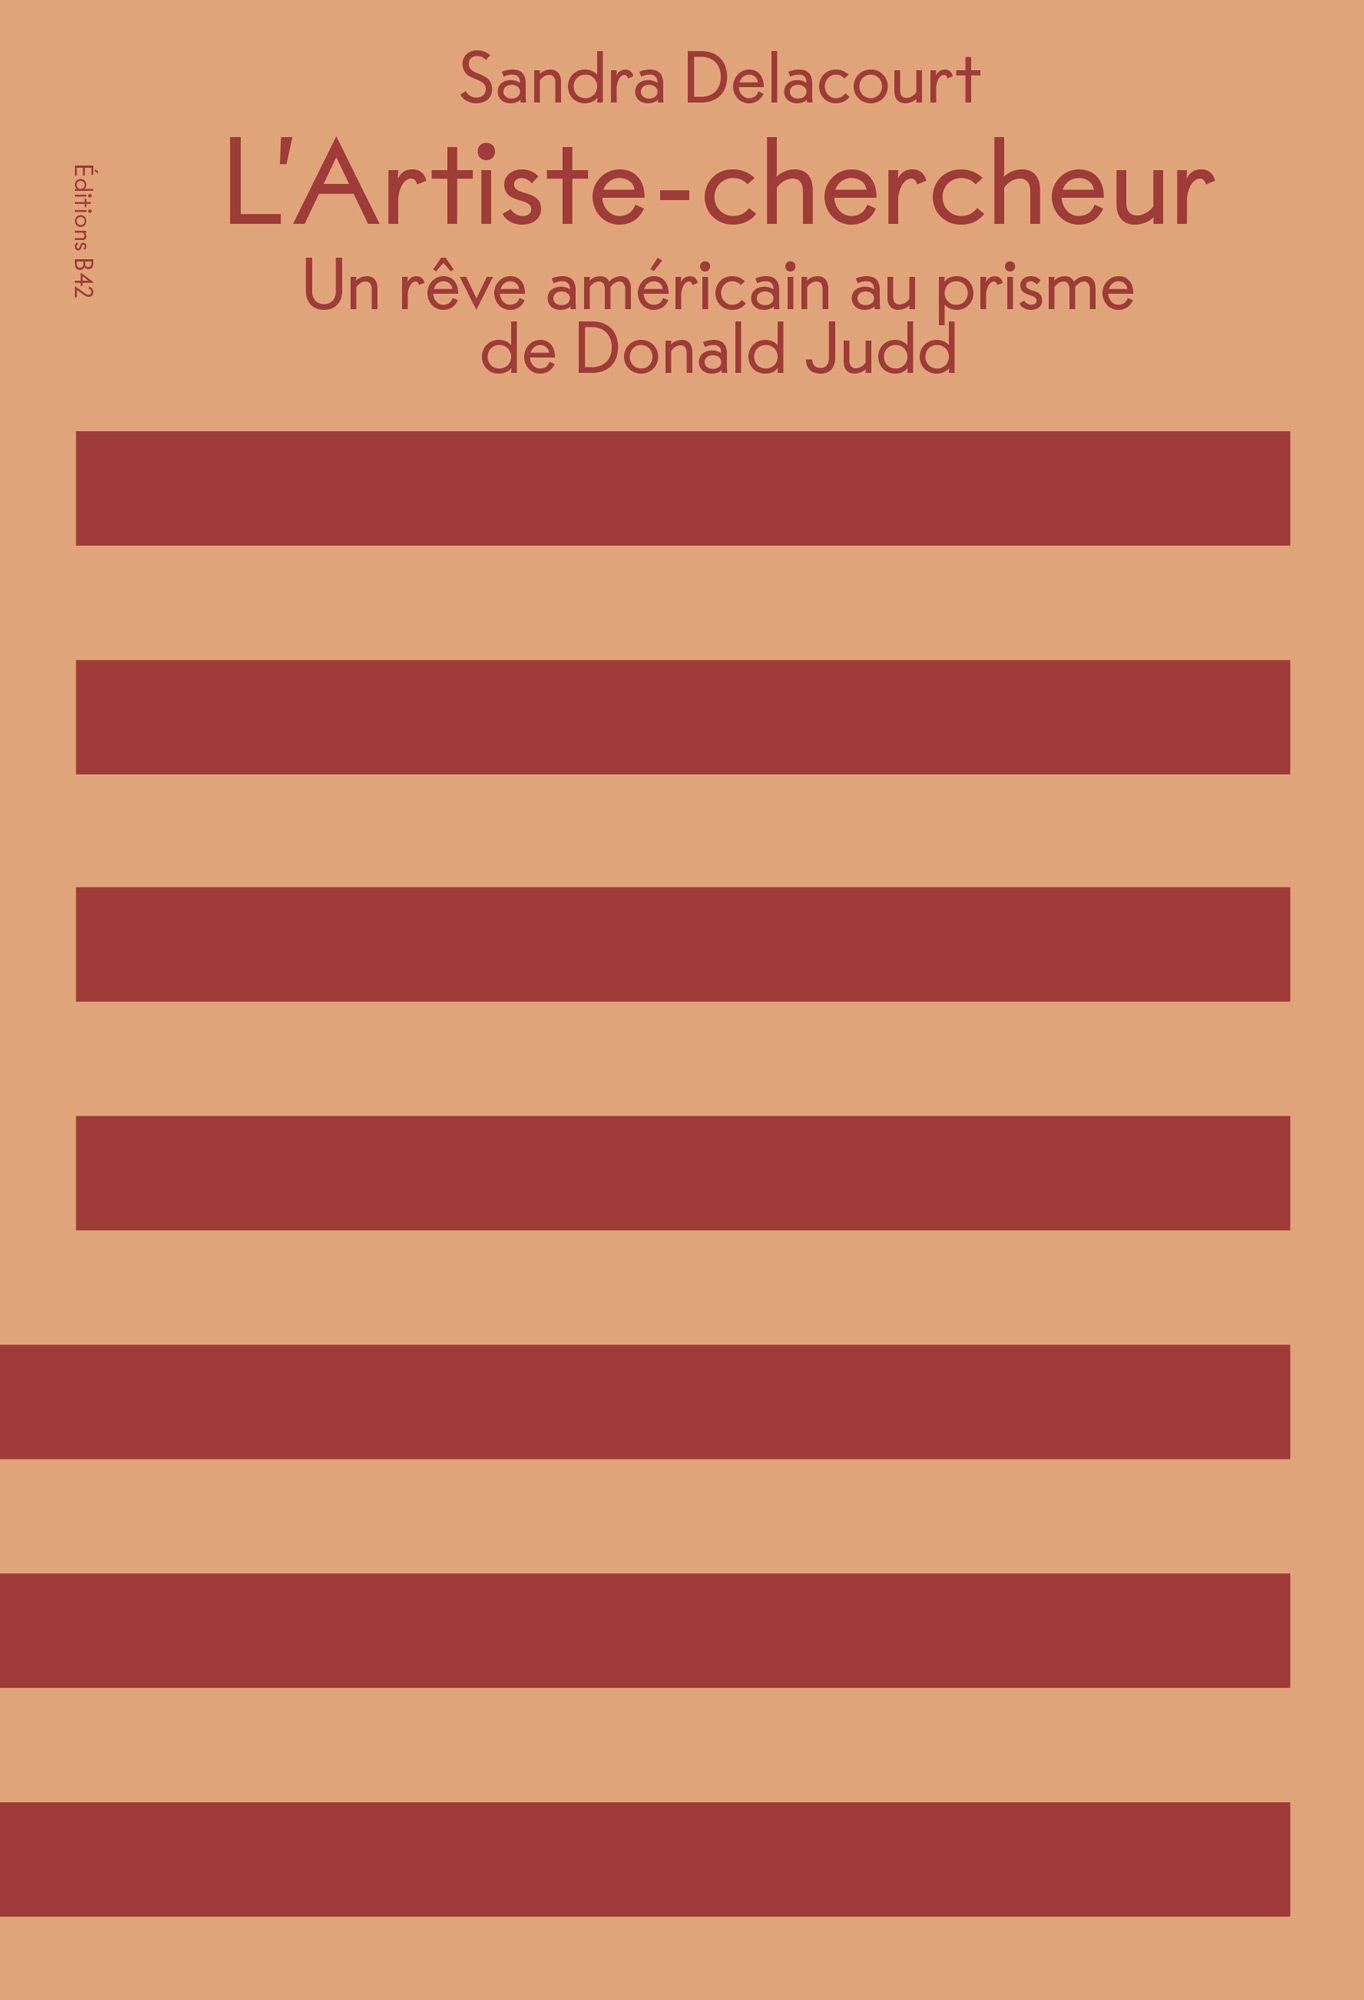 L' ARTISTE-CHERCHEUR - UN REVE AMERICAIN AU PRISME DE DONALD JUDD